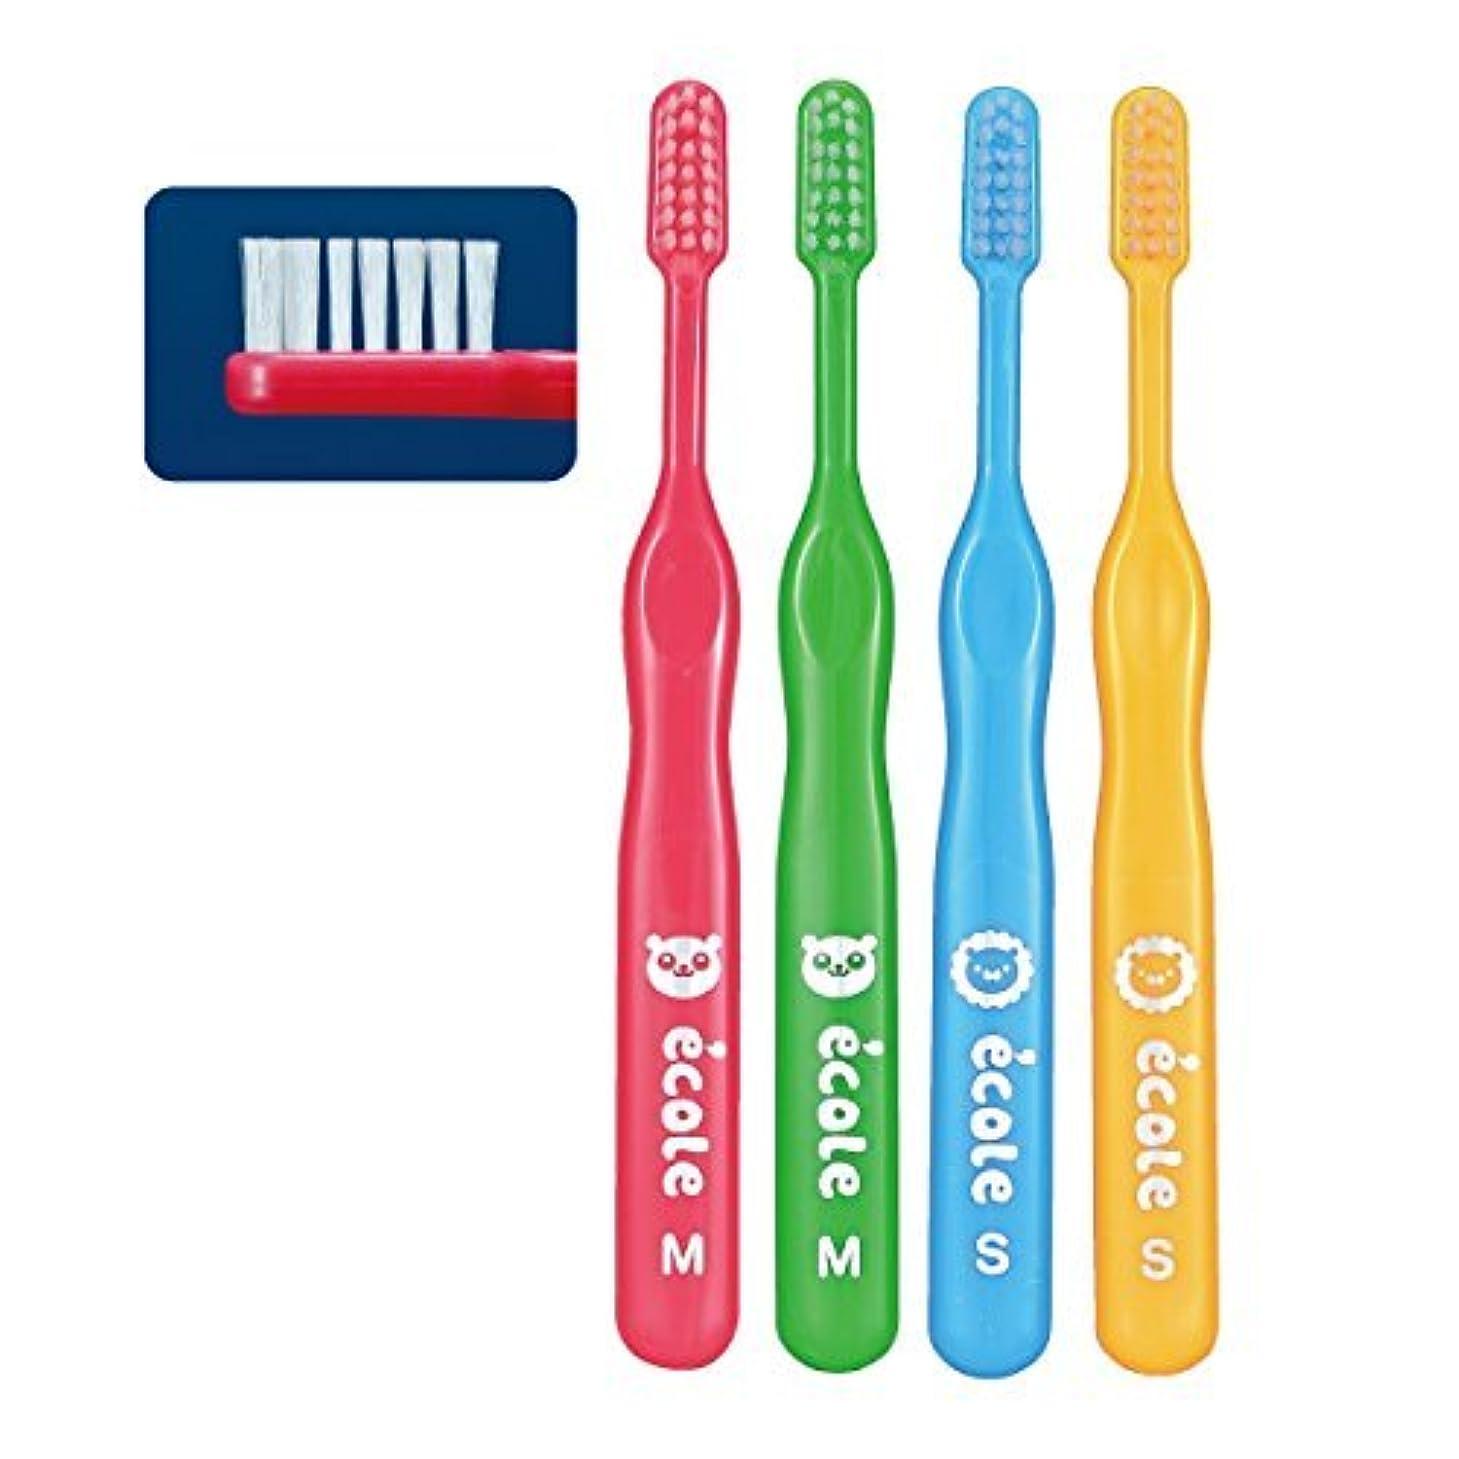 検出休日に宿るリセラ エコル 幼児~小学生用歯ブラシ Mふつう 10本入り